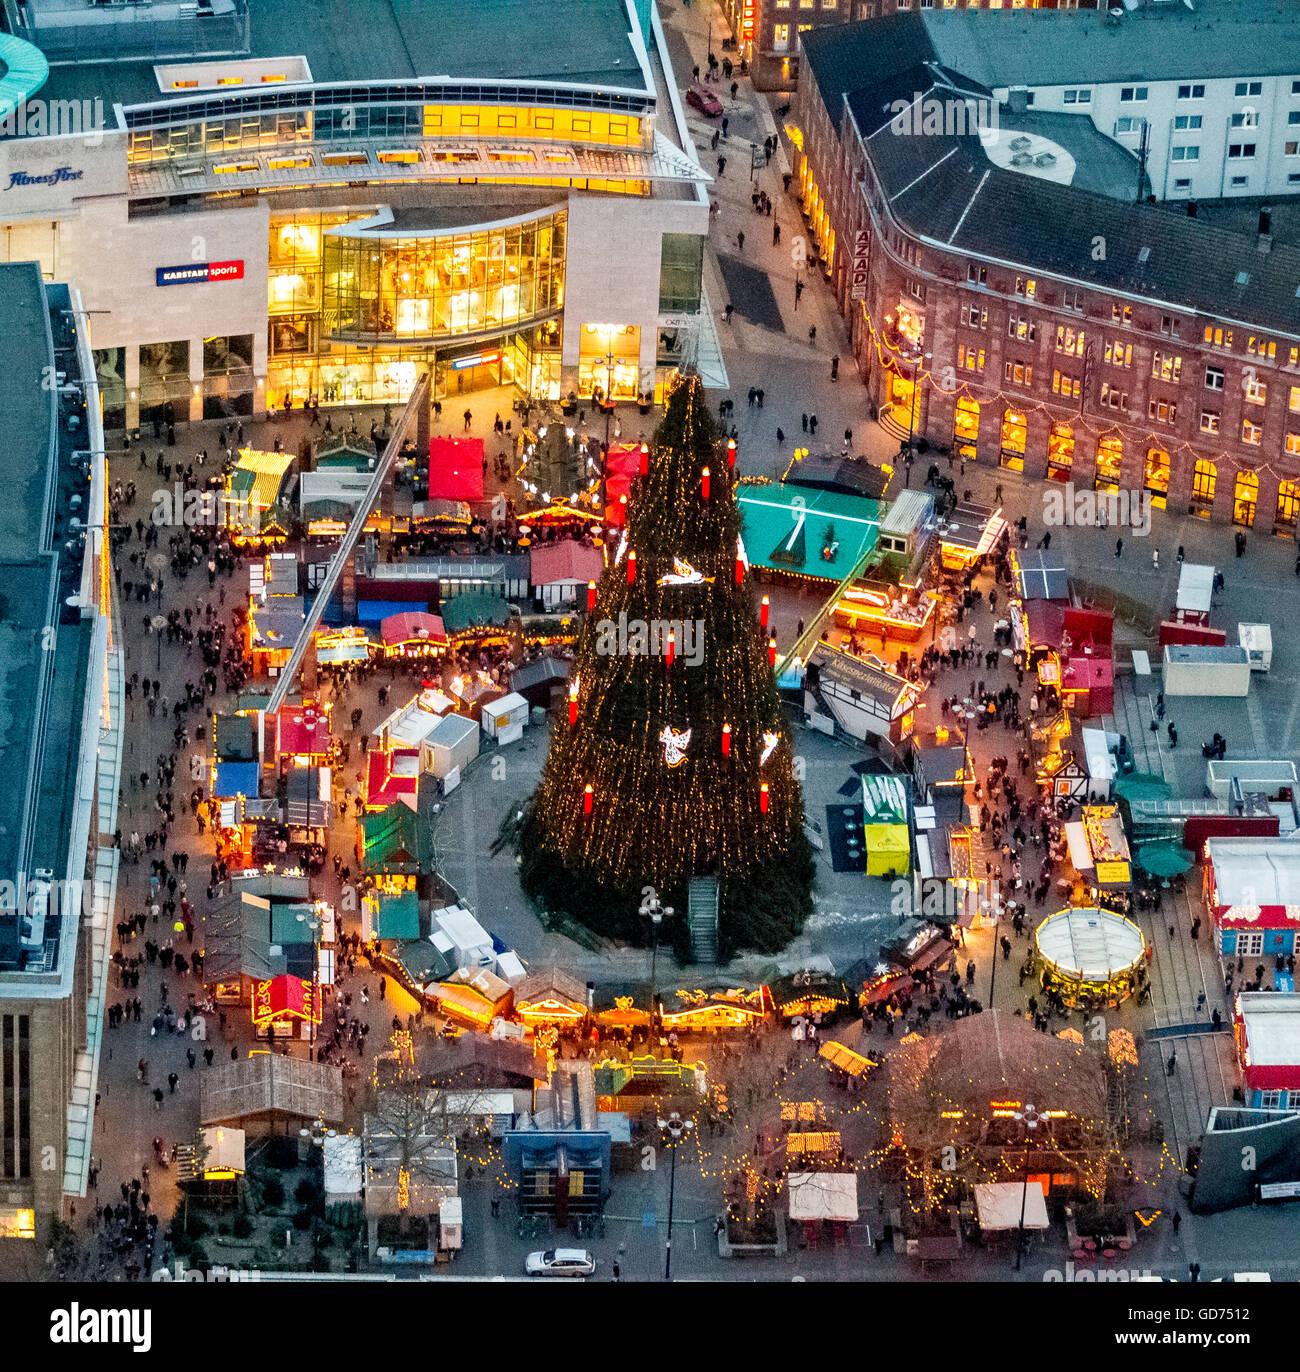 Dortmund Weihnachtsmarkt.Luftaufnahme Riesigen Weihnachtsbaum Auf Dem Hansaplatz